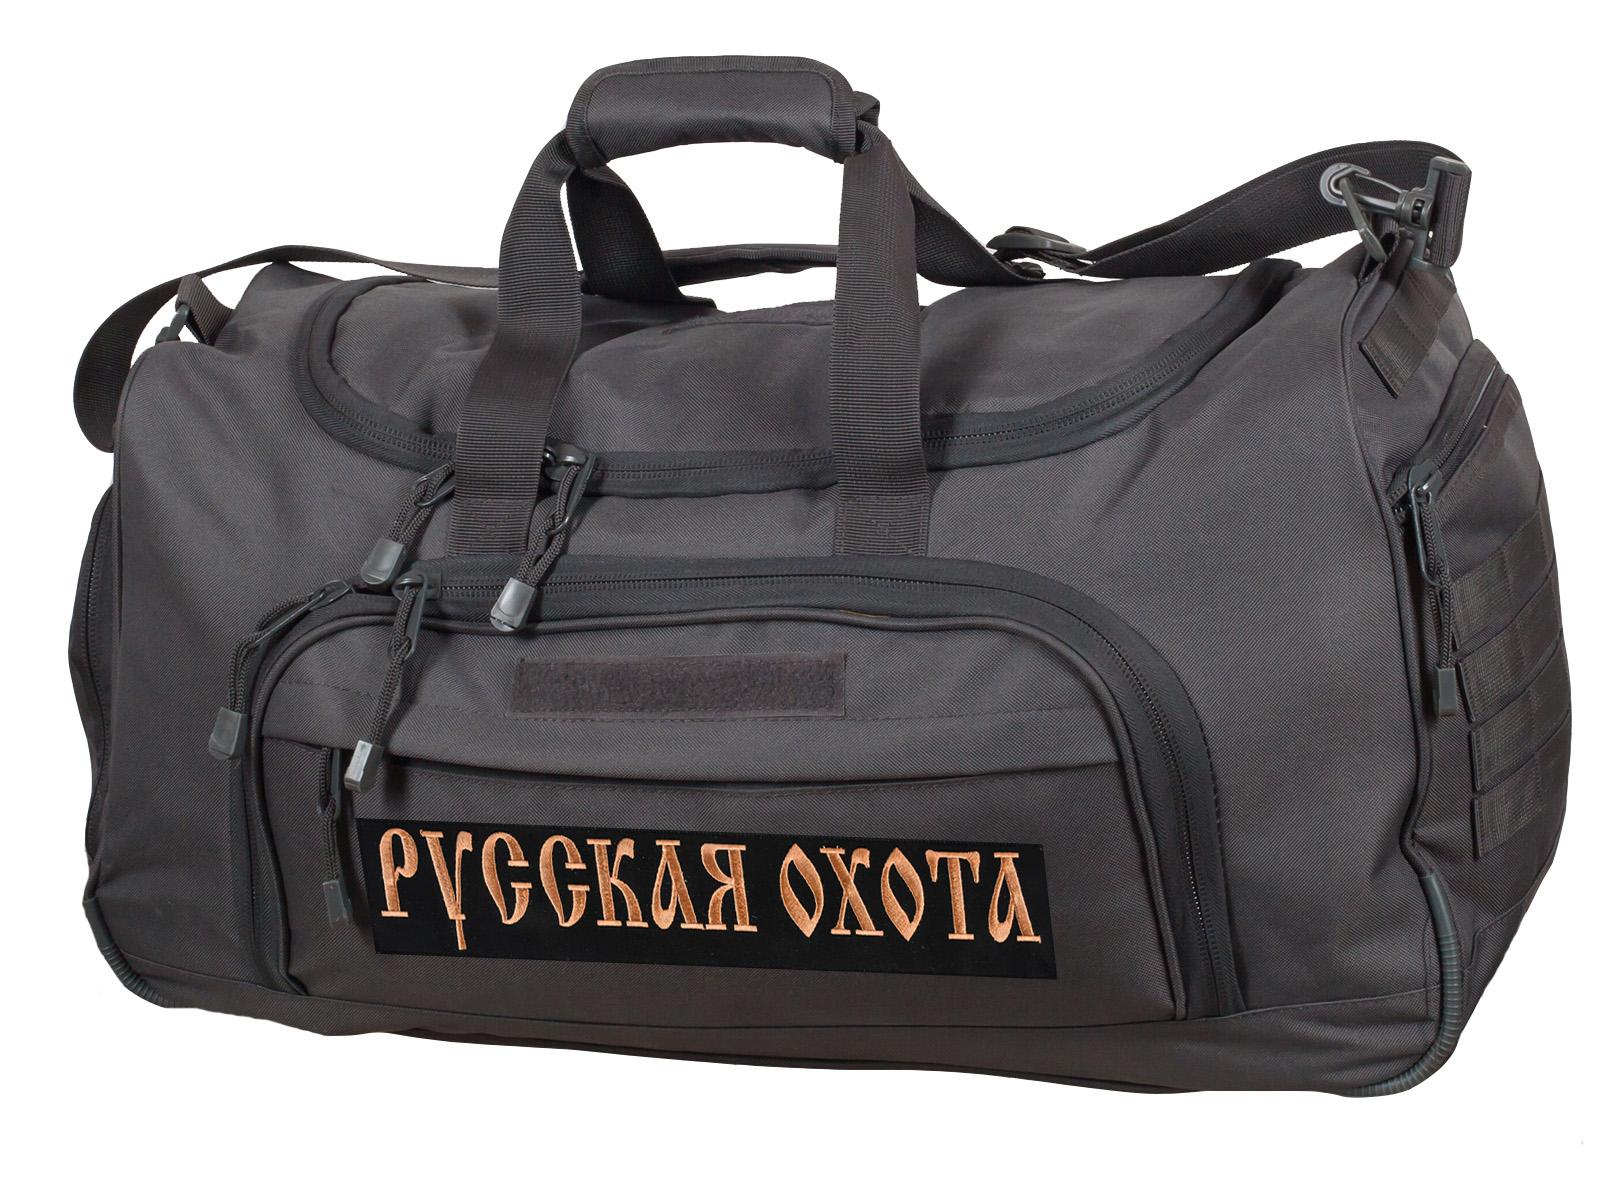 Темно-серая дорожная сумка 08032B Русская Охота - купить онлайн